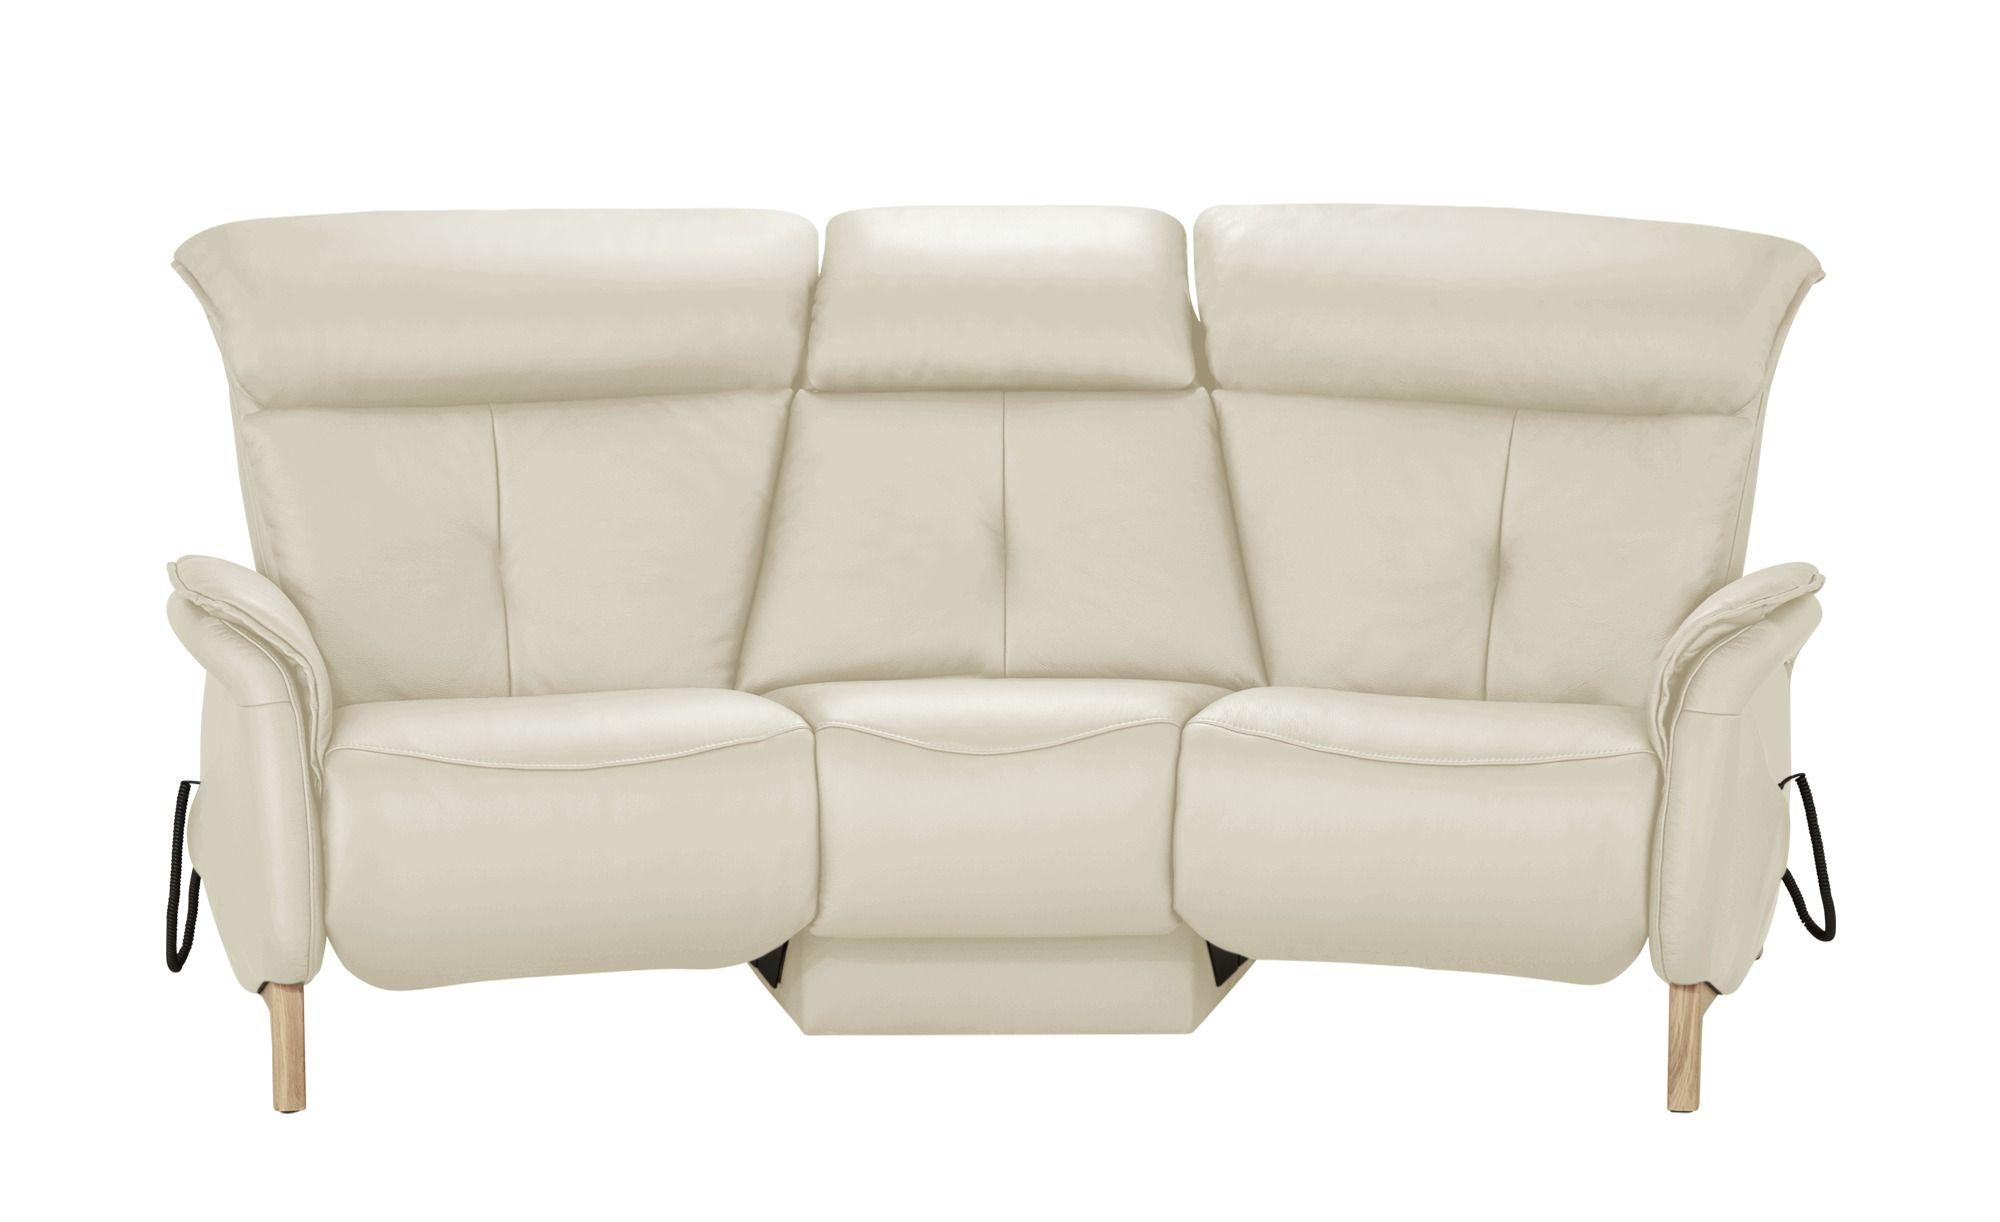 Himolla Einzelsofa Leder 4708 In 2020 Einzelsofas Sofa Und Leder